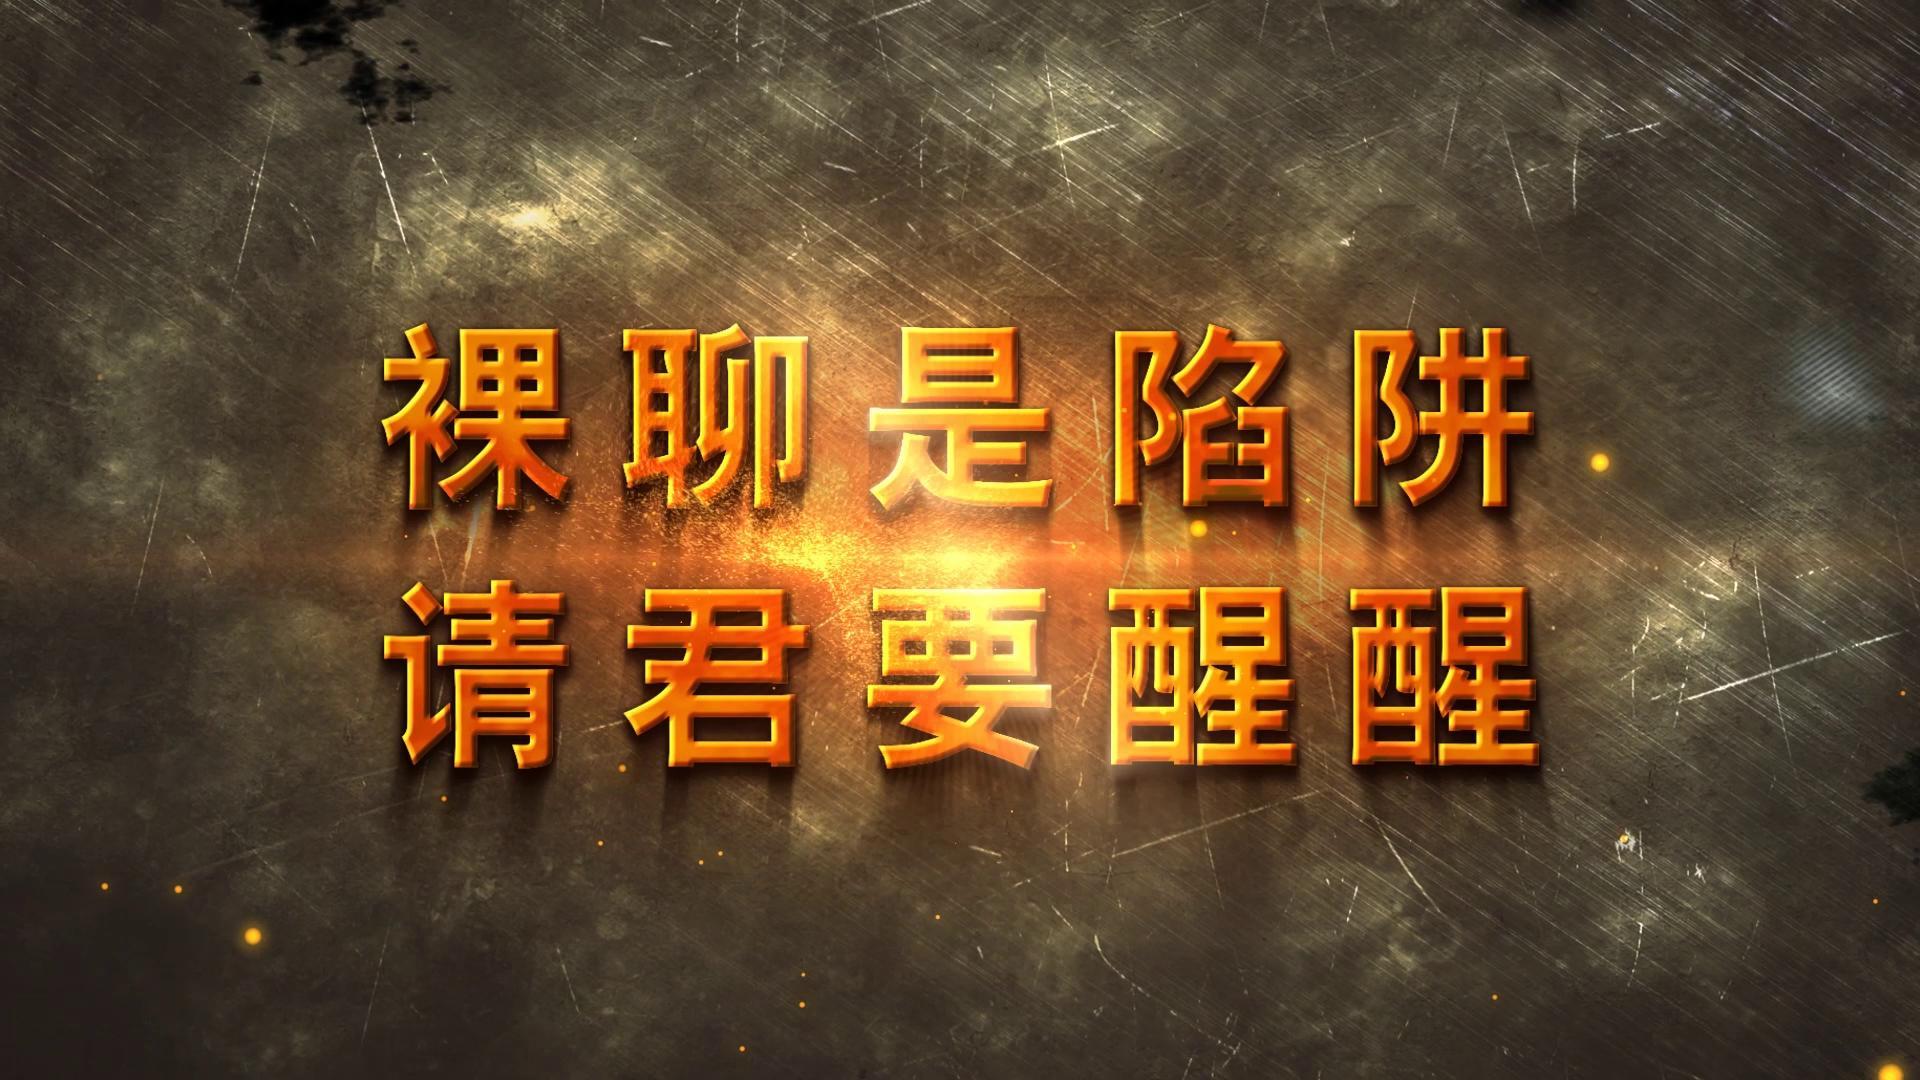 """《裸聊是陷阱 请君要醒醒》——肇庆市公安局""""扫黑除恶""""、""""净网2020""""系列宣传片"""